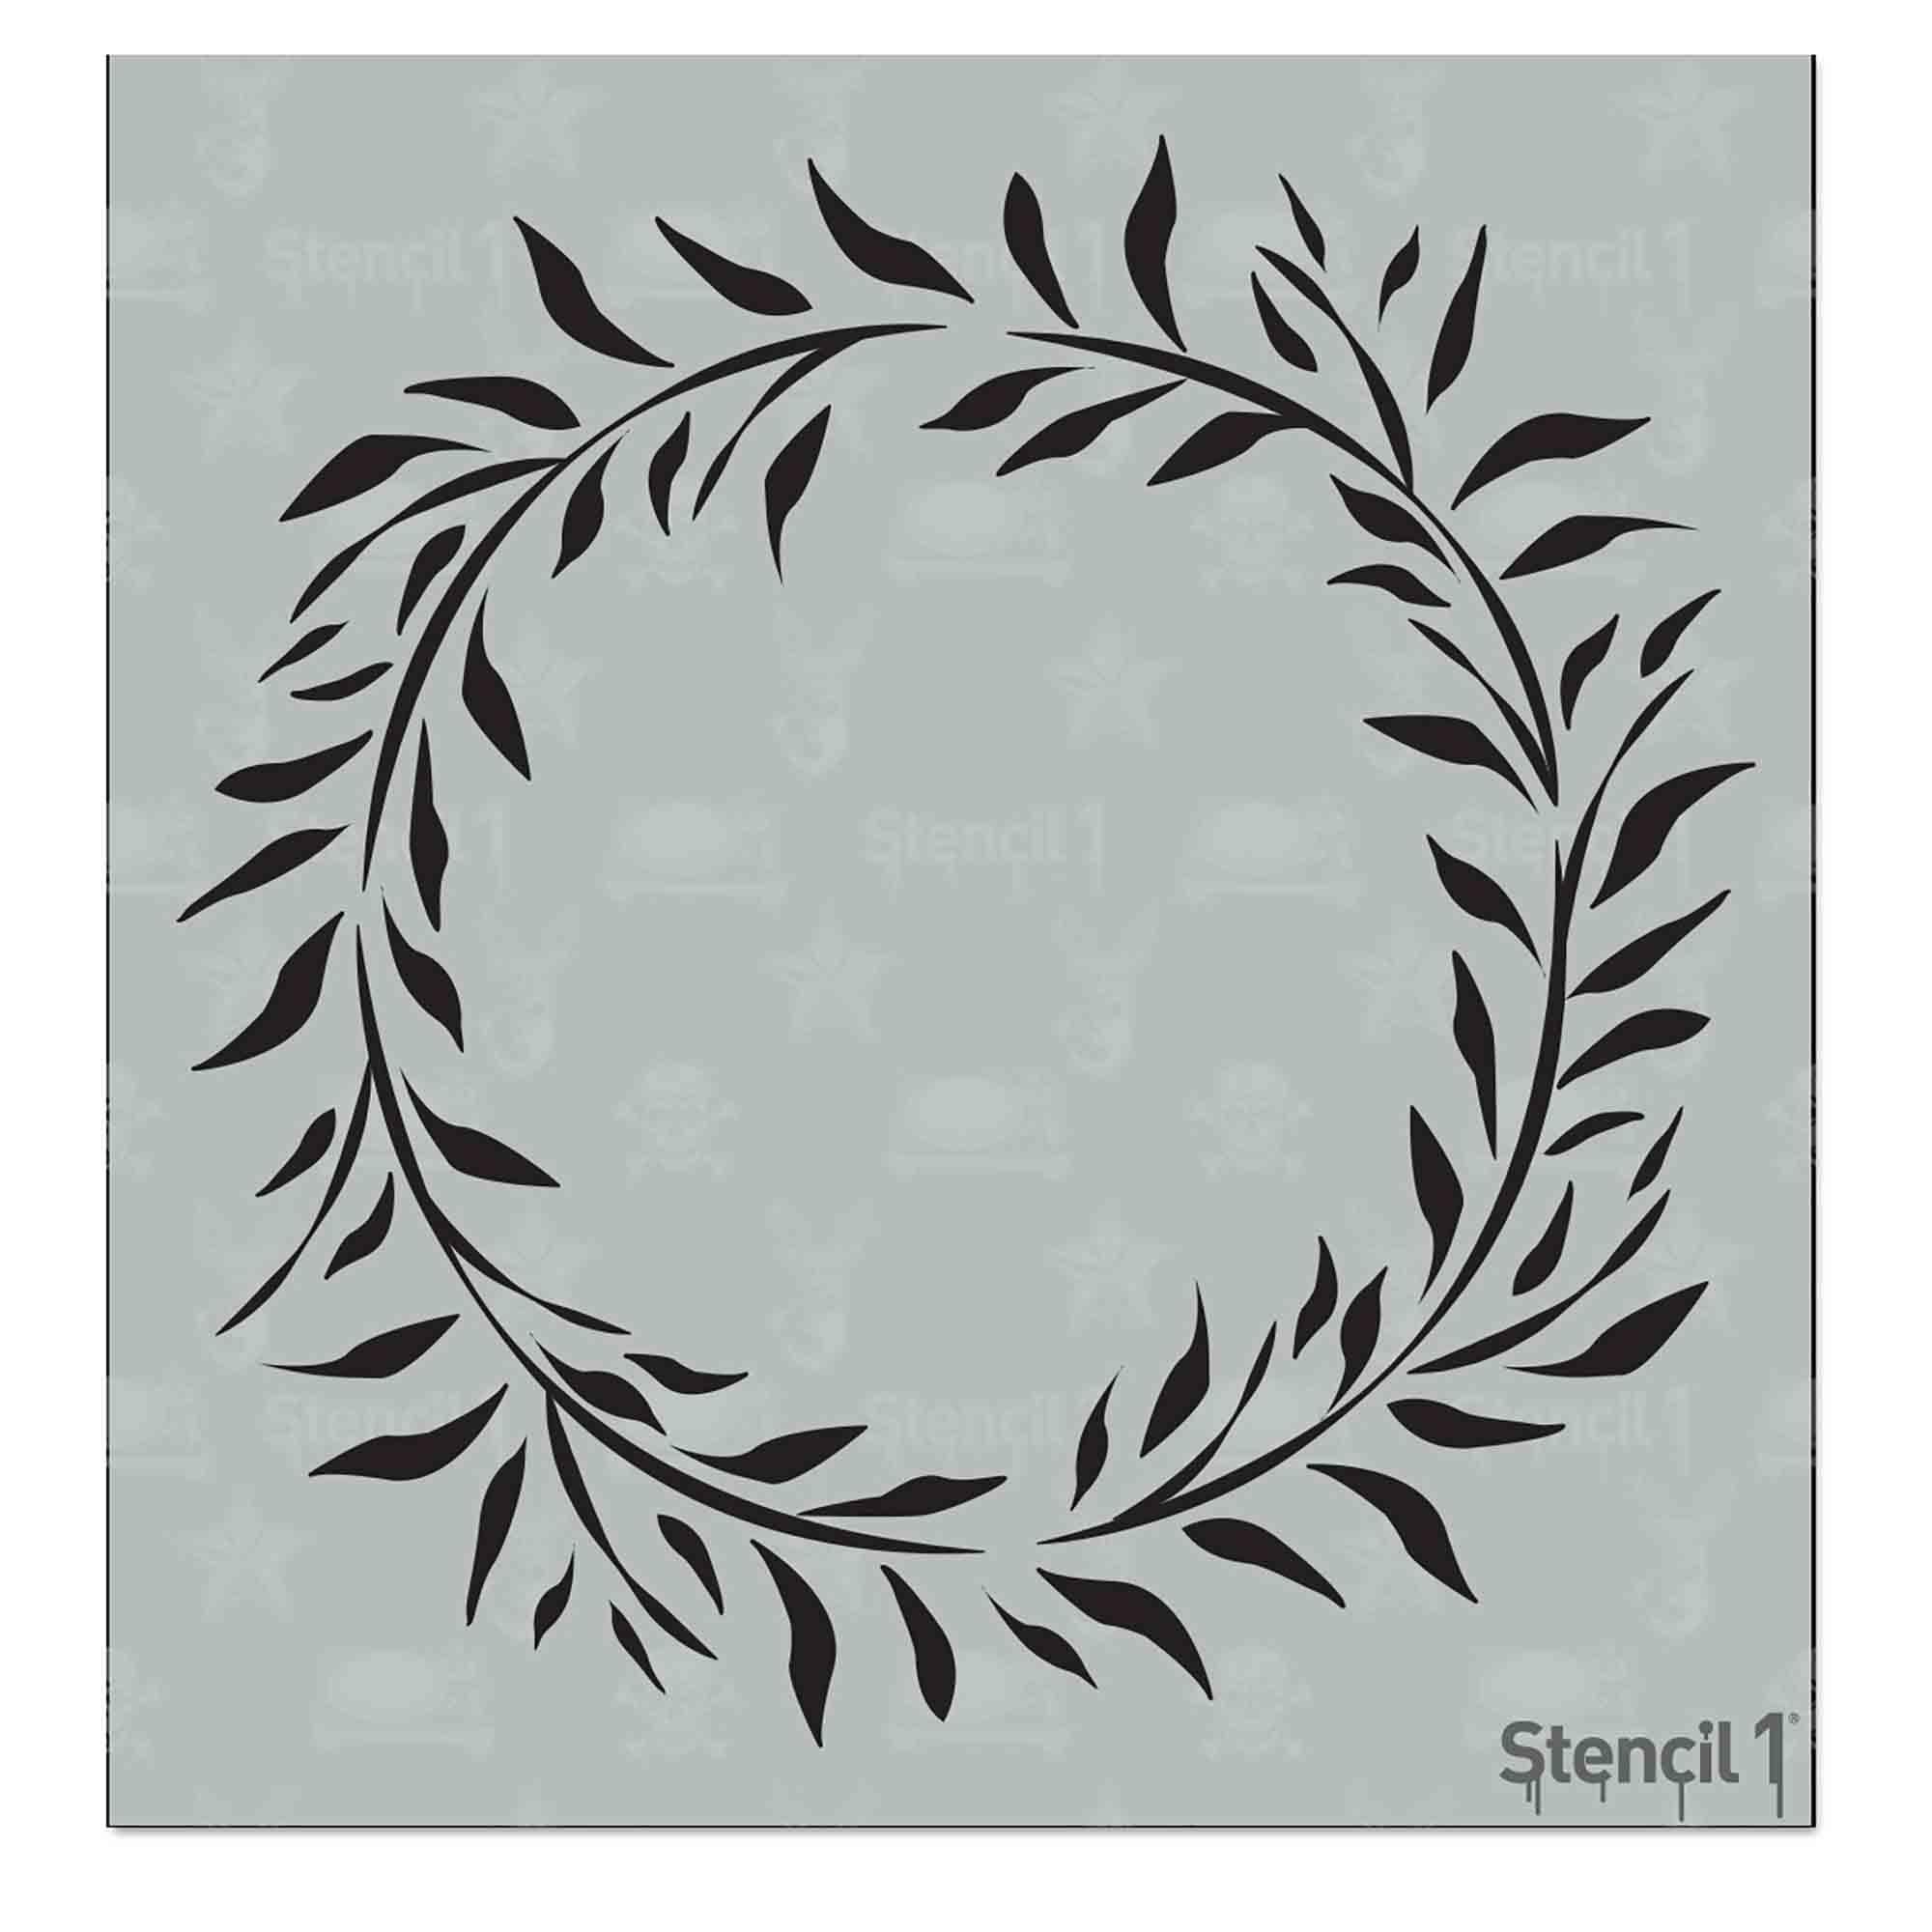 Eucalyptus Leaf Wreath Stencil Small 5 75 X 6 Stencil 1